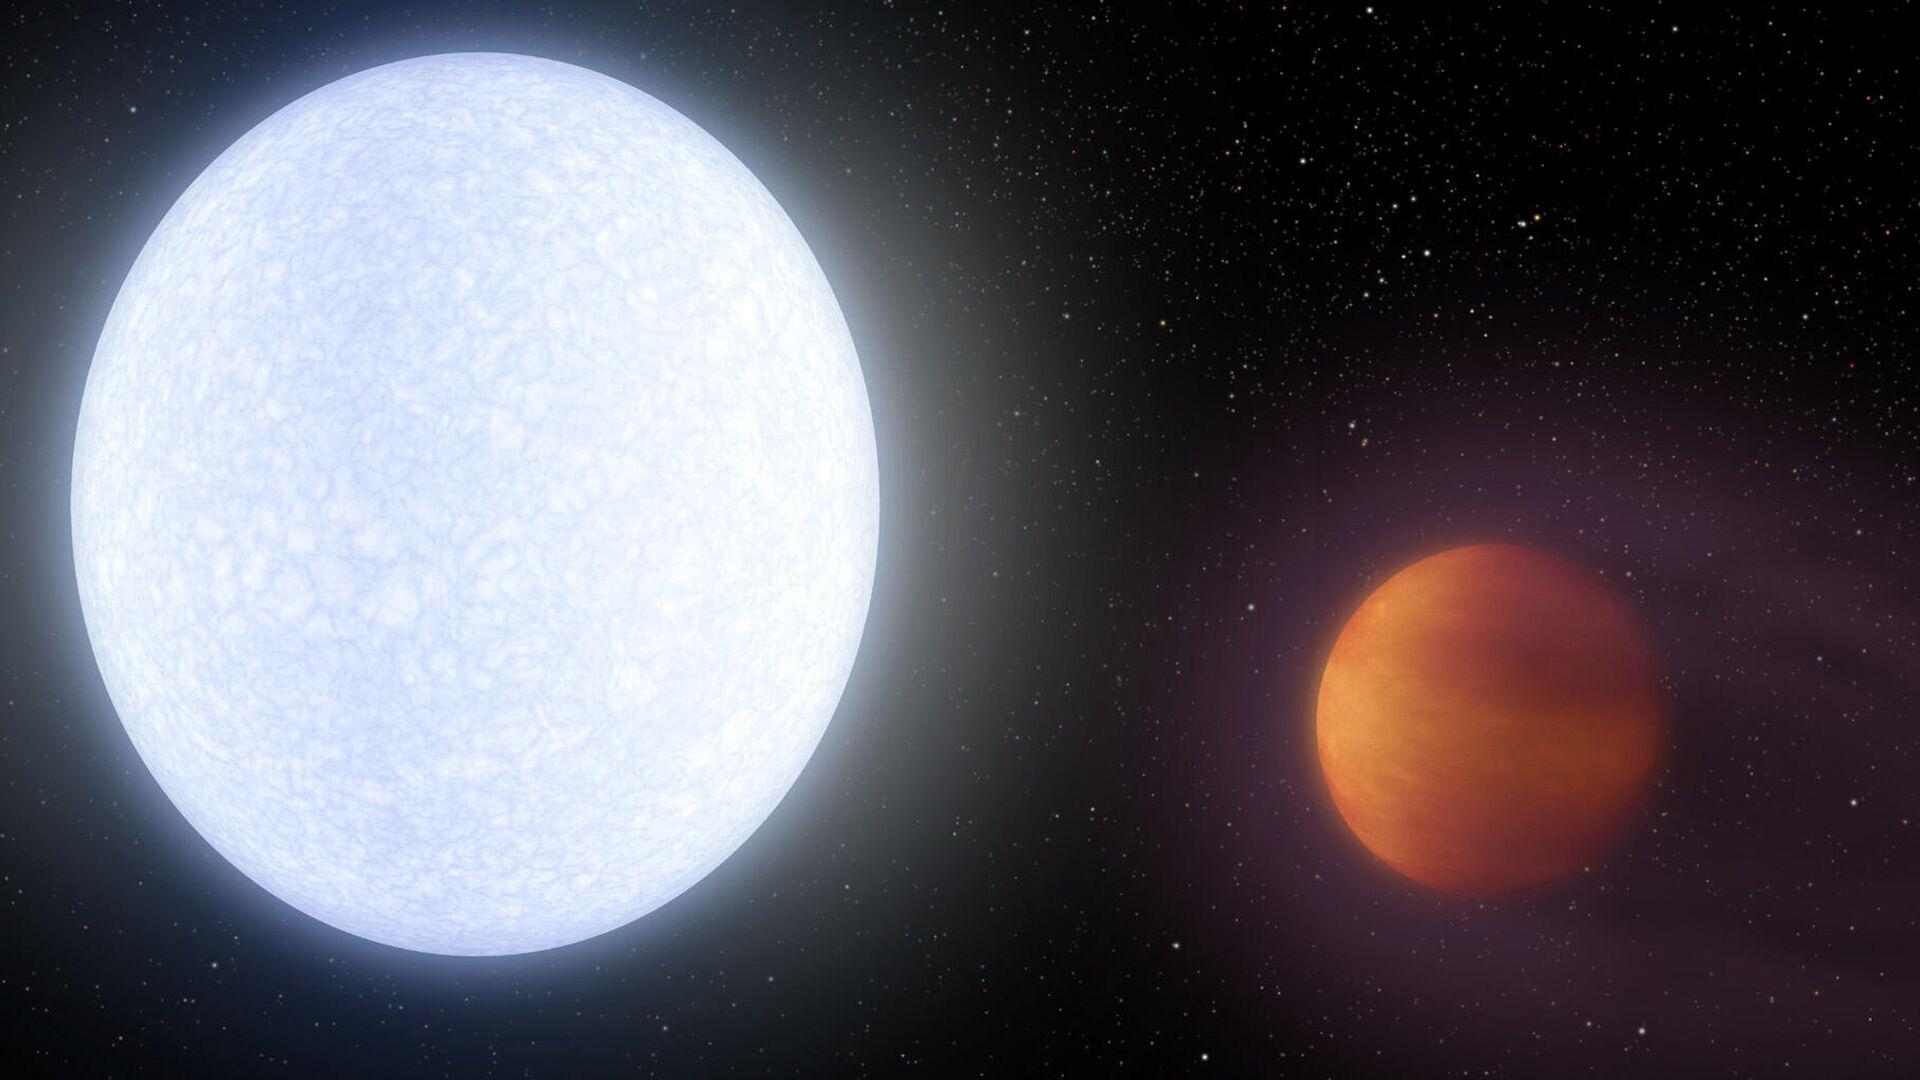 Художественное изображение экзопланеты KELT-9b – самого известного горячего юпитера - РИА Новости, 1920, 27.01.2020